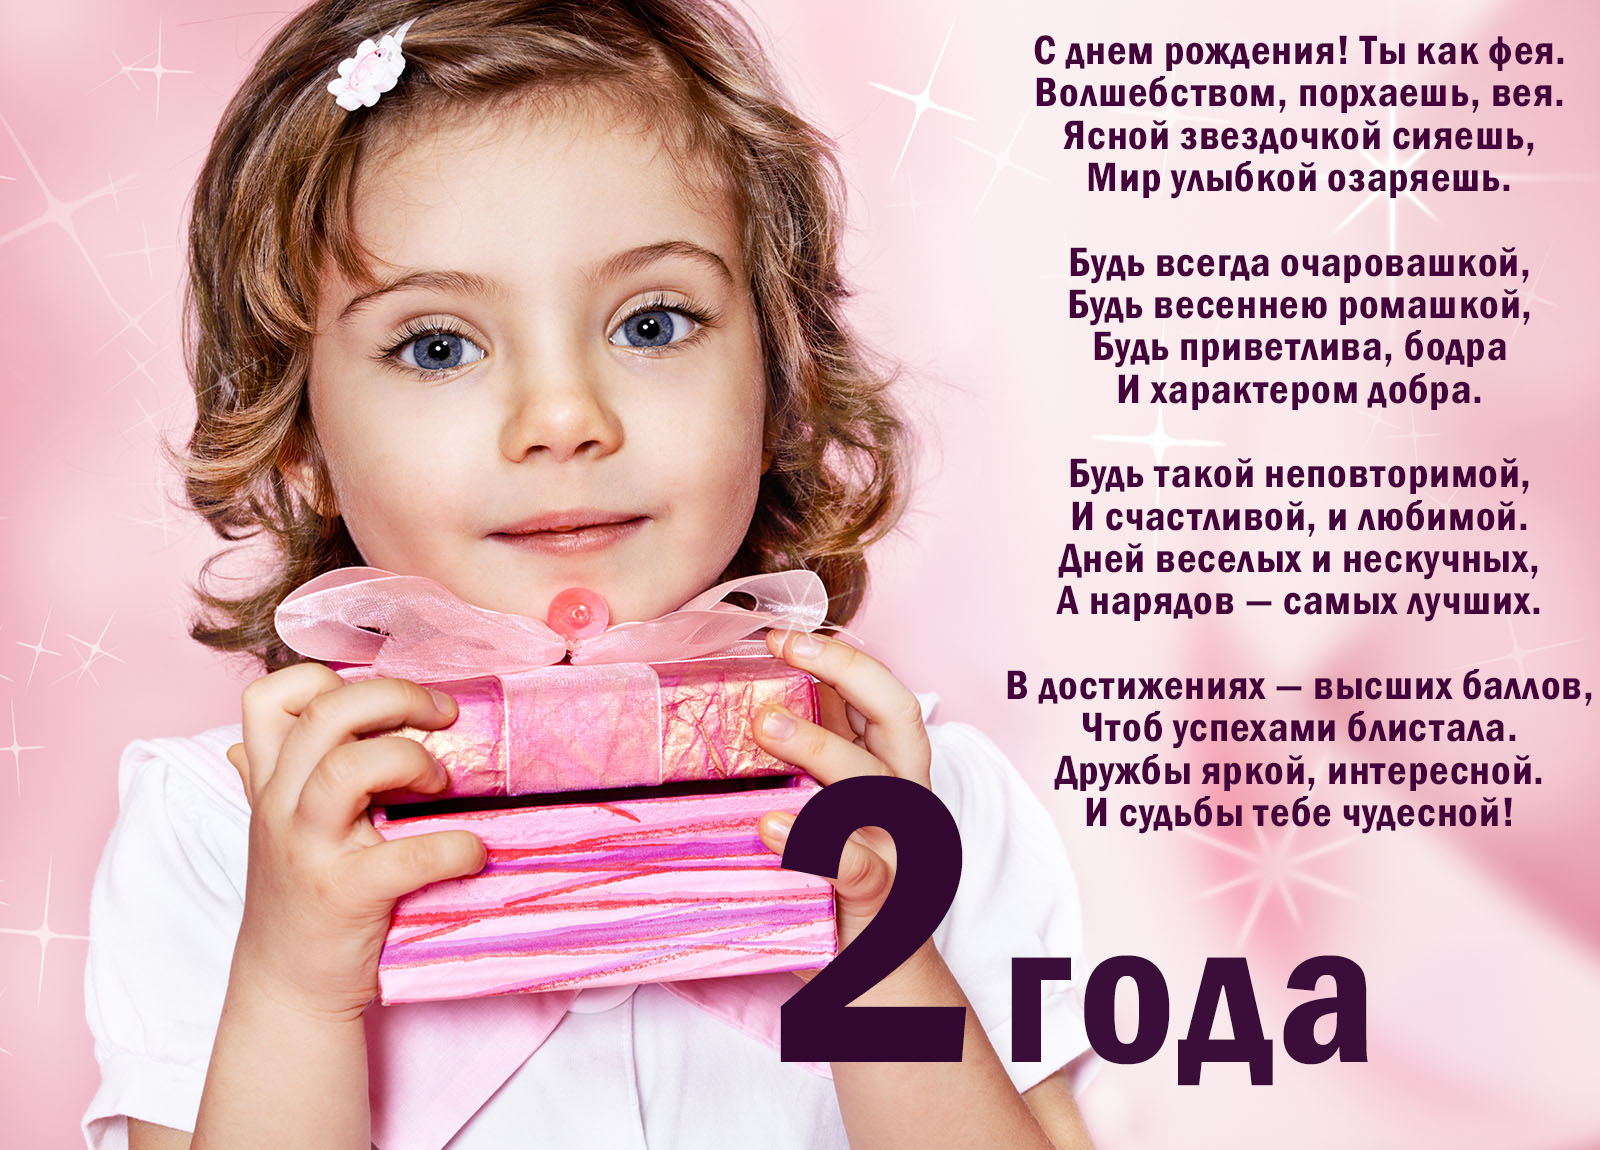 Поздравления с днем рождения девочке в пять лет 83